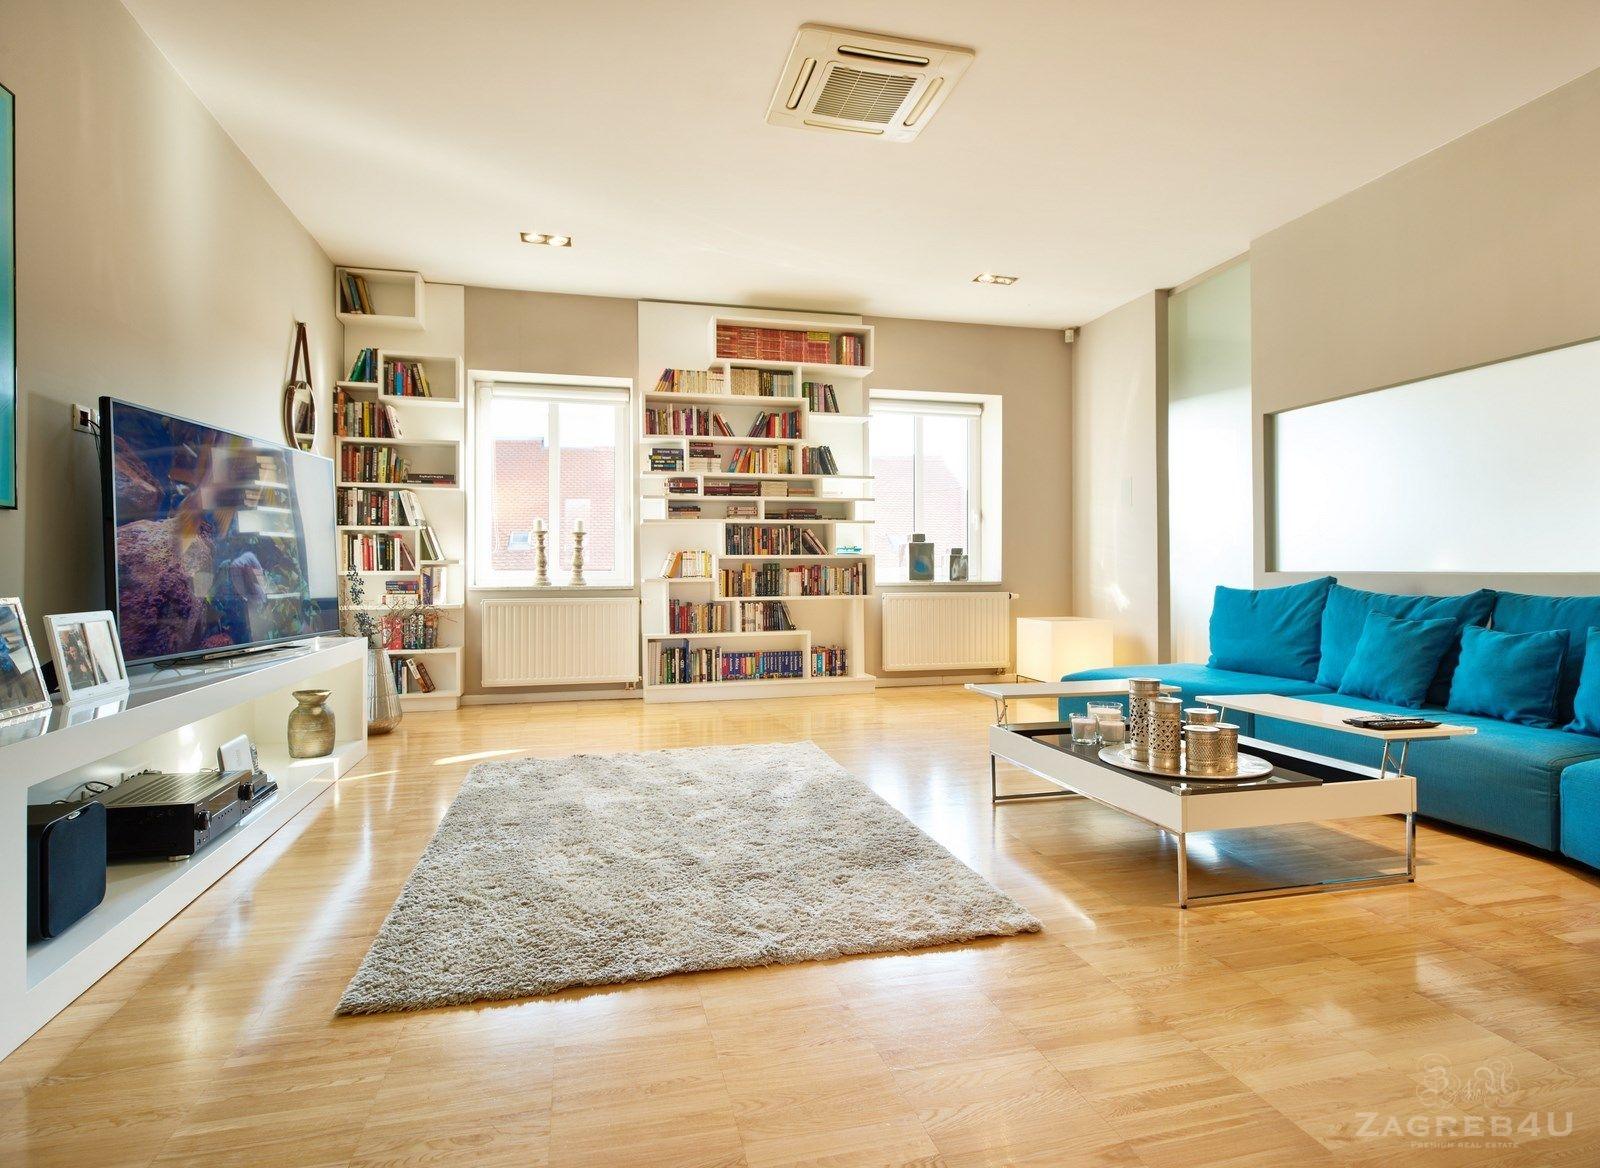 Luksuzno uređeni stan veličine 124 m2 - Masarykova